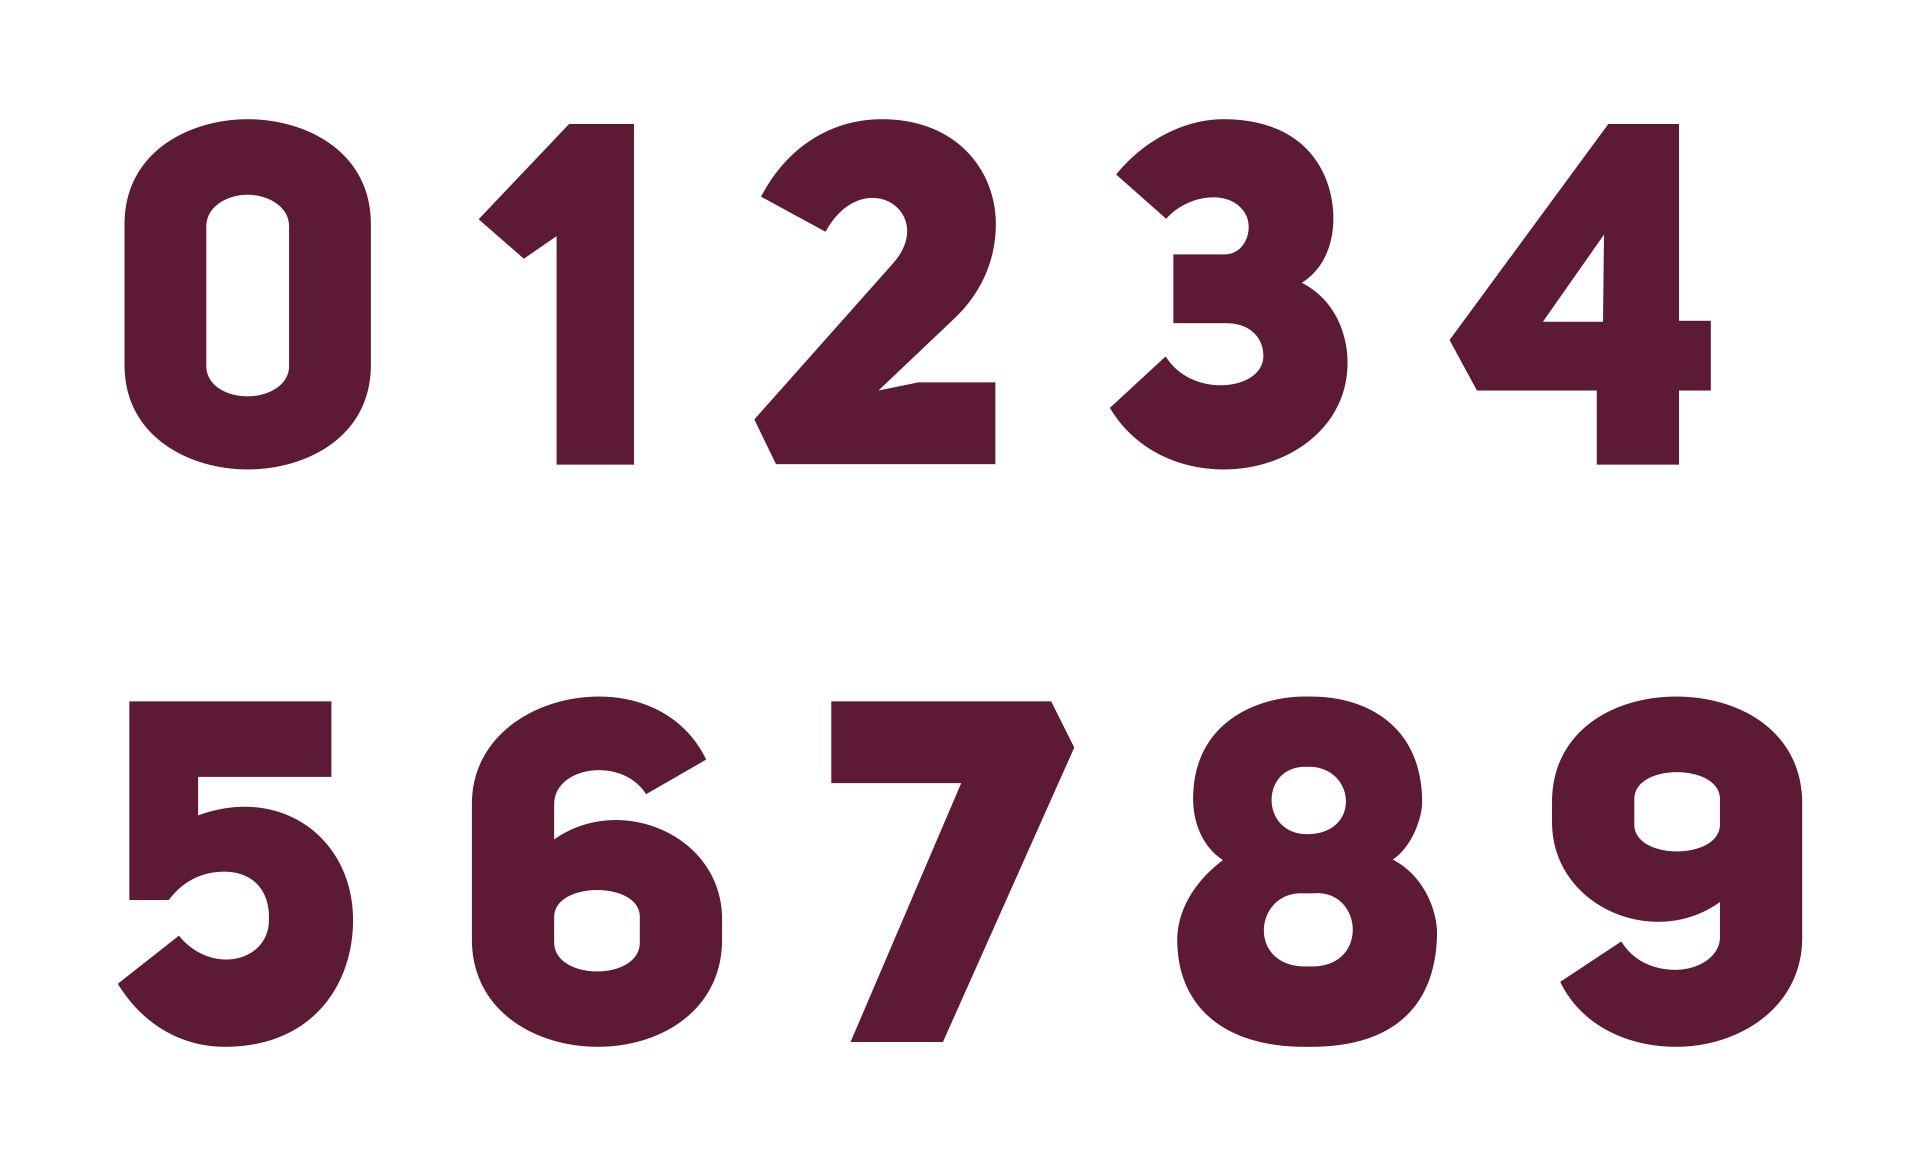 Large Printable Numbers 0-9 Pdf